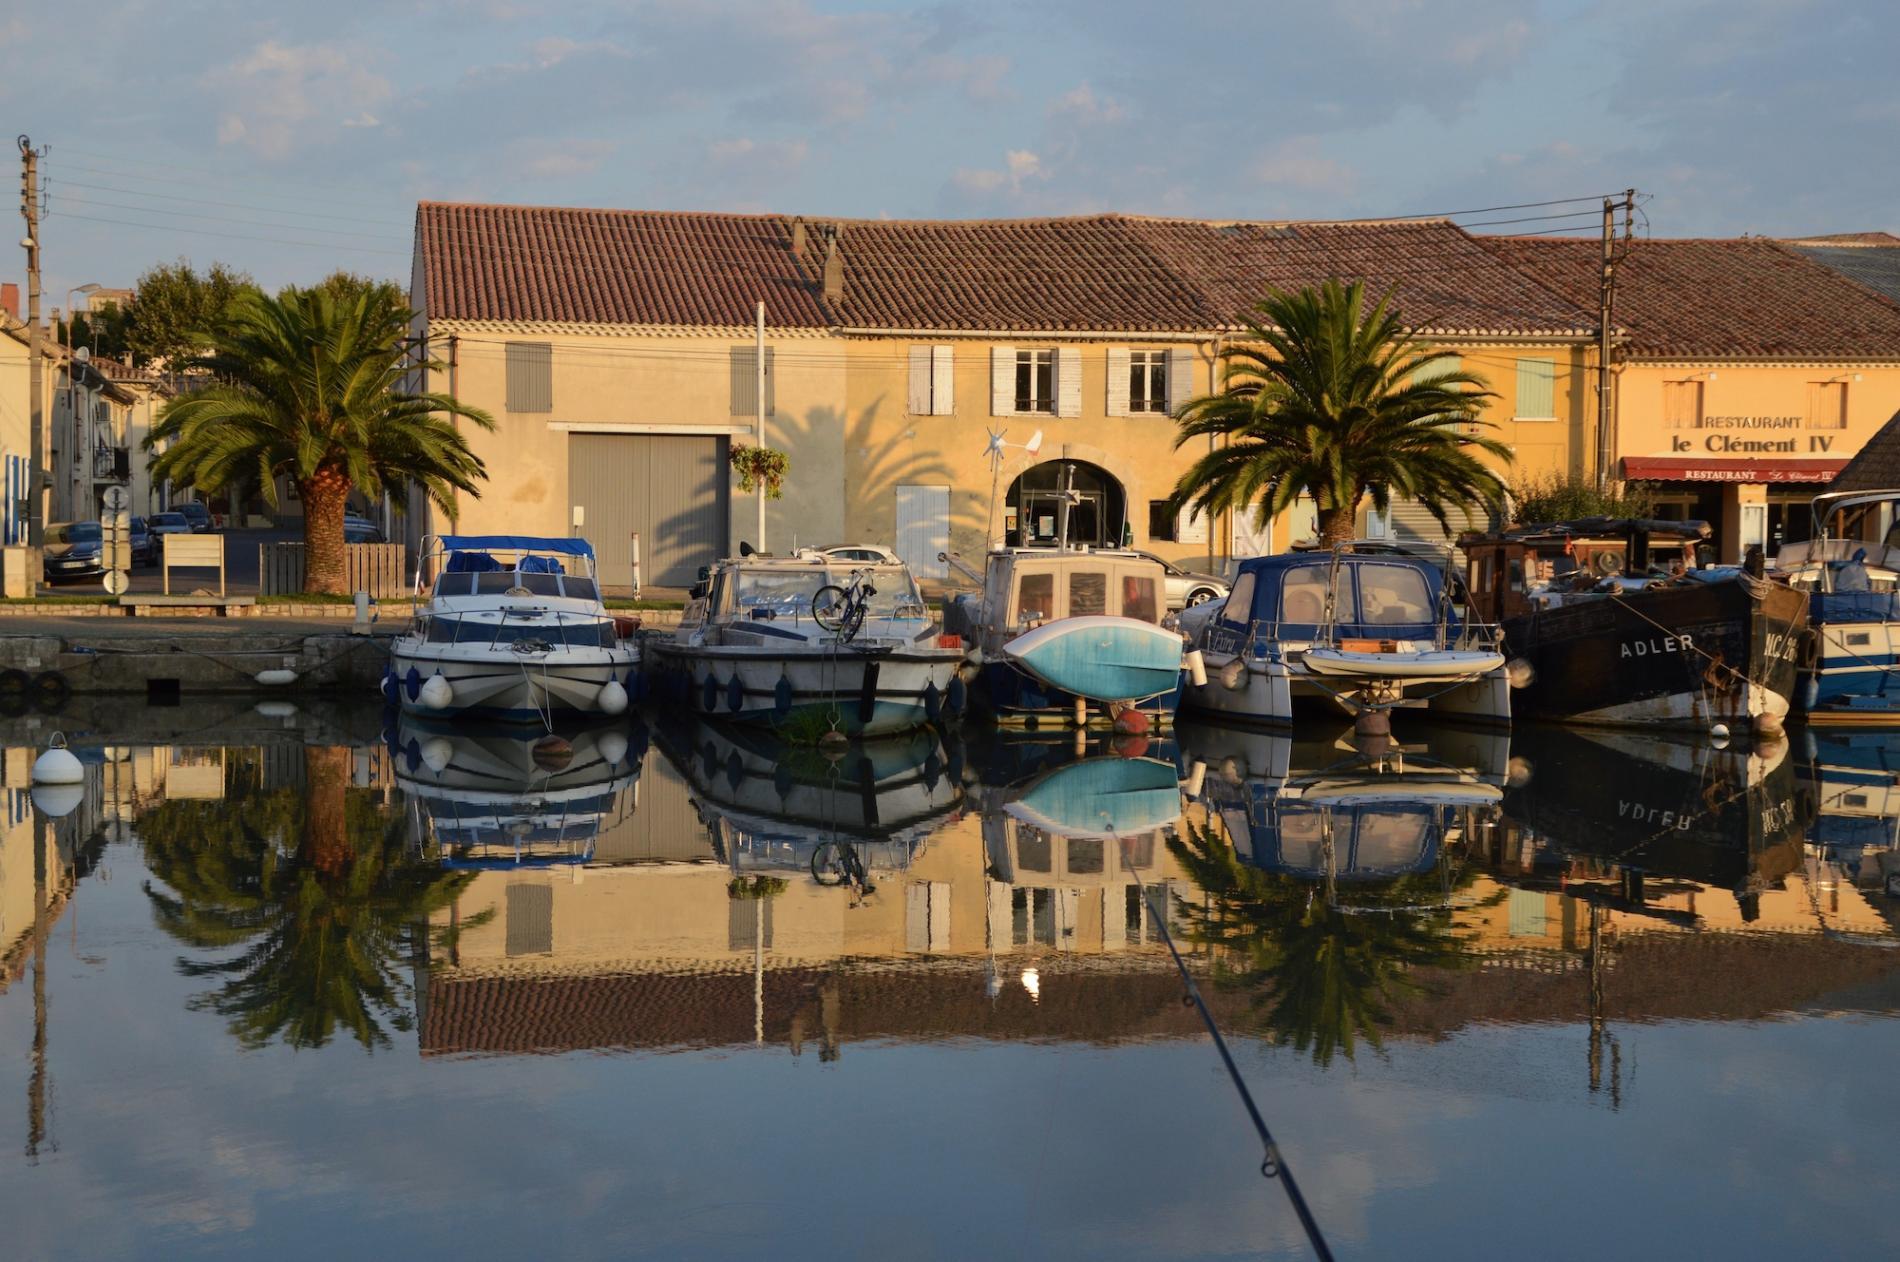 Hotel sur le port de Saint-Gilles